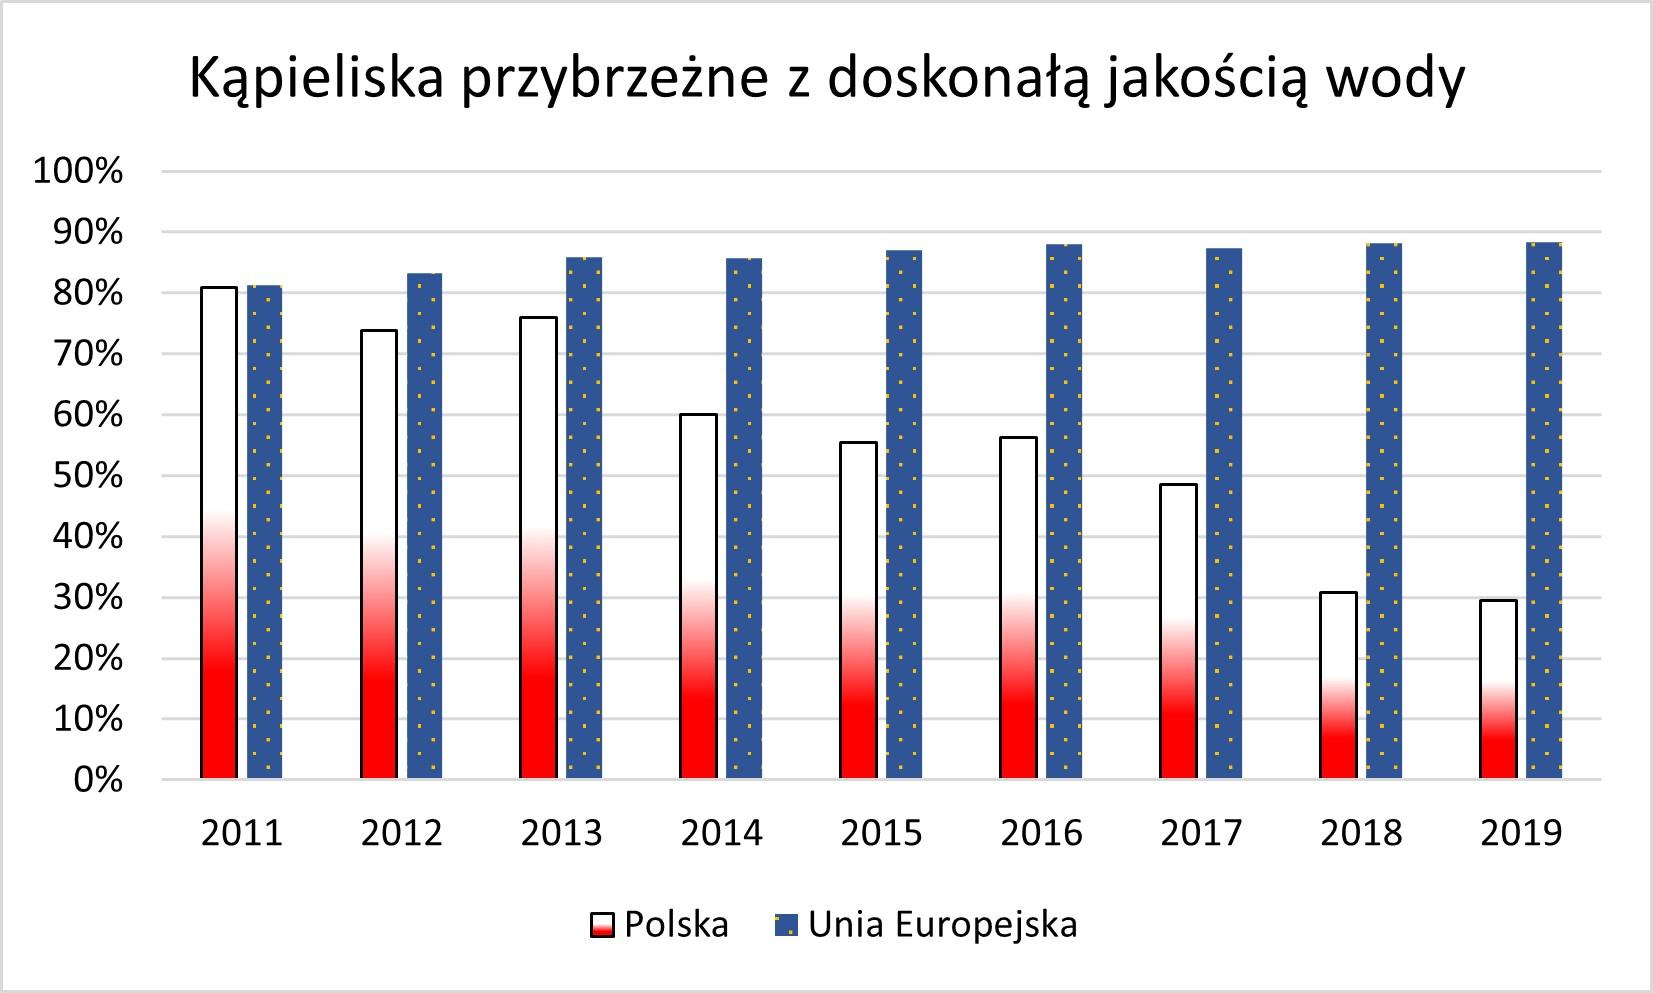 Odsetek kąpielisk morskich i śródlądowych w Polsce z doskonałą jakością wody z roku na rok jest coraz niższy.